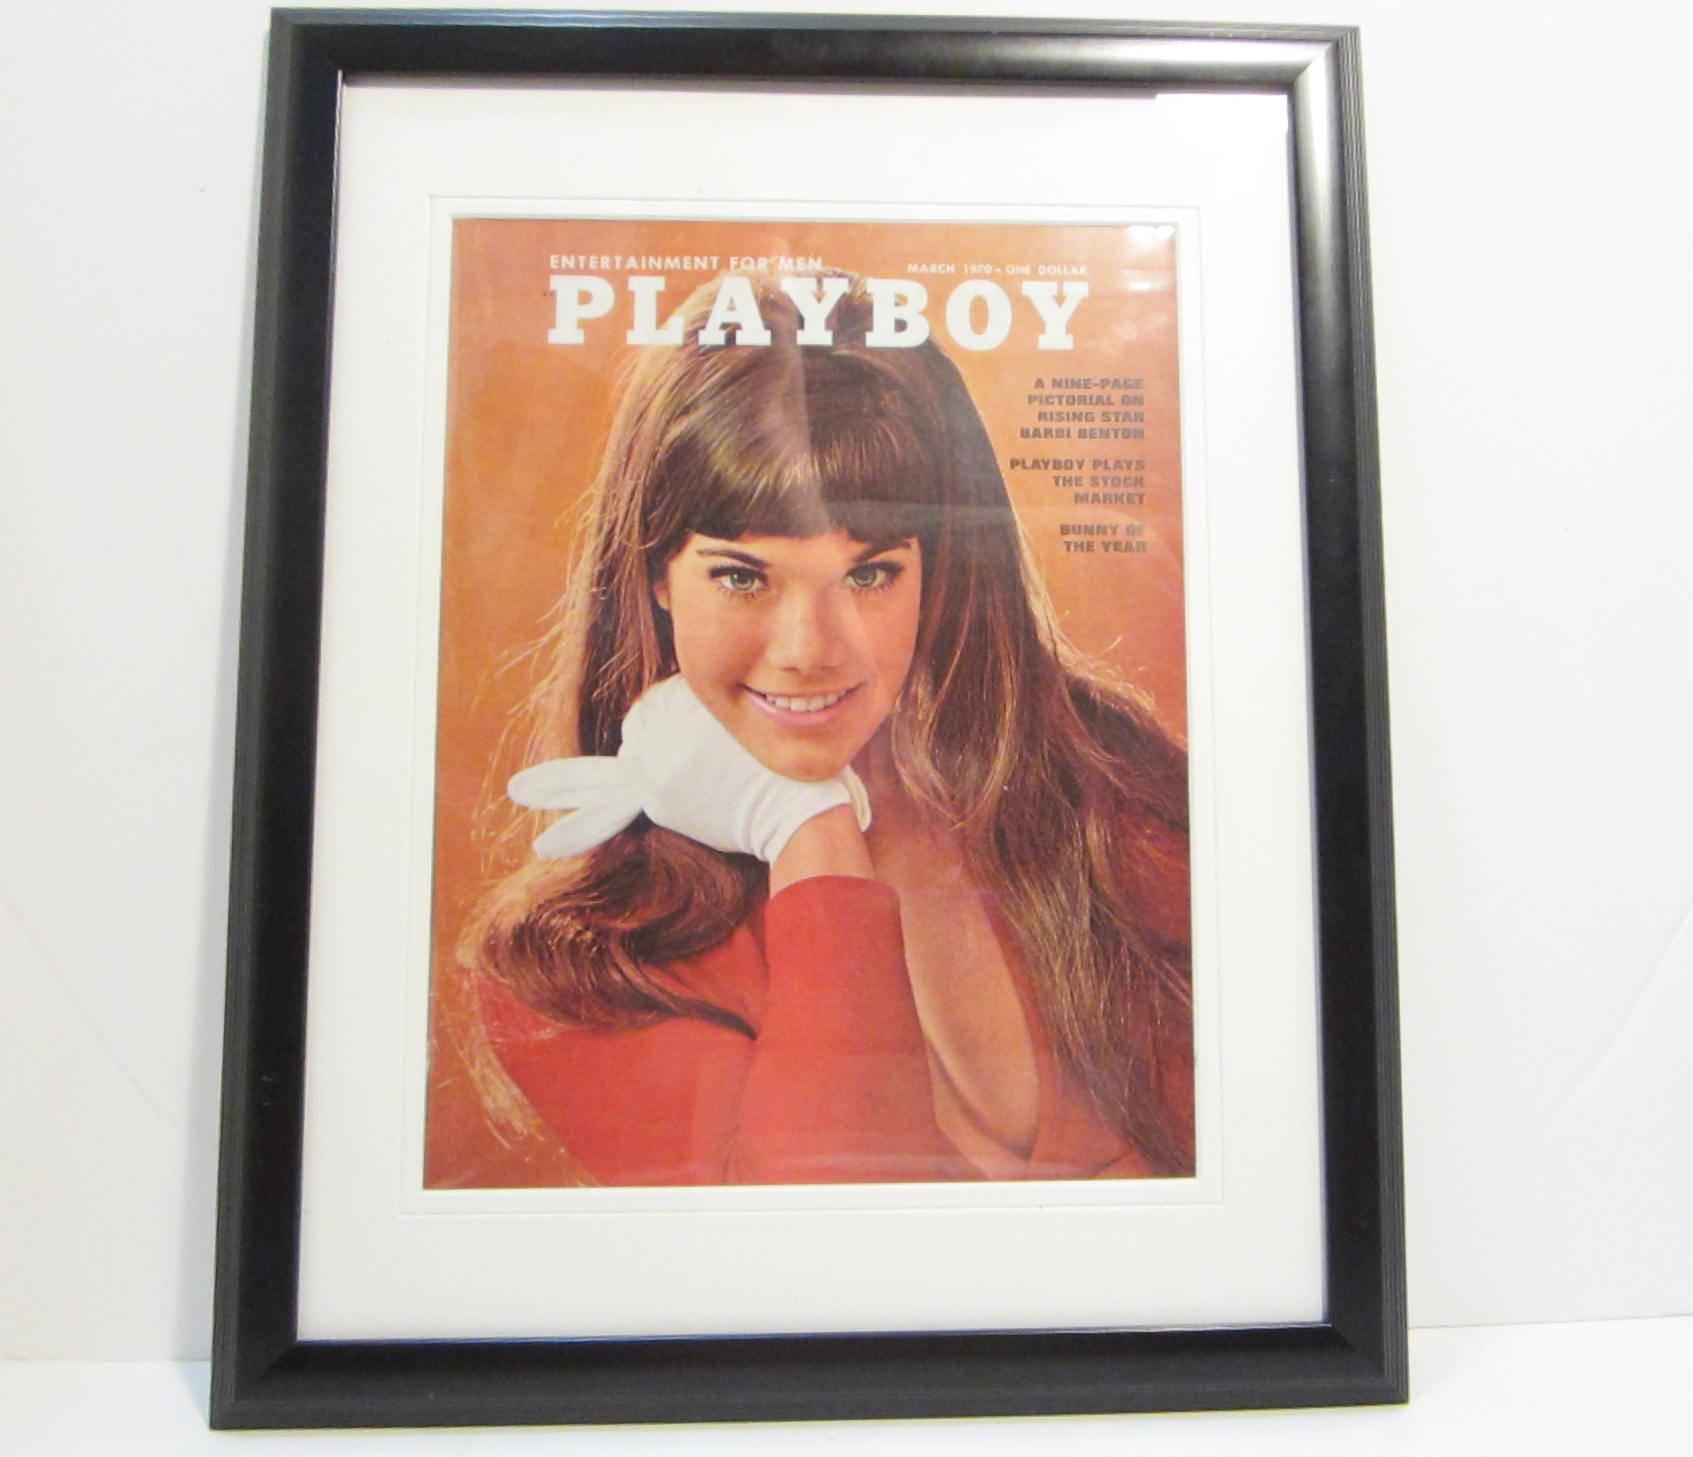 Playboy vintage con la portada de la revista enmarcado: Marzo